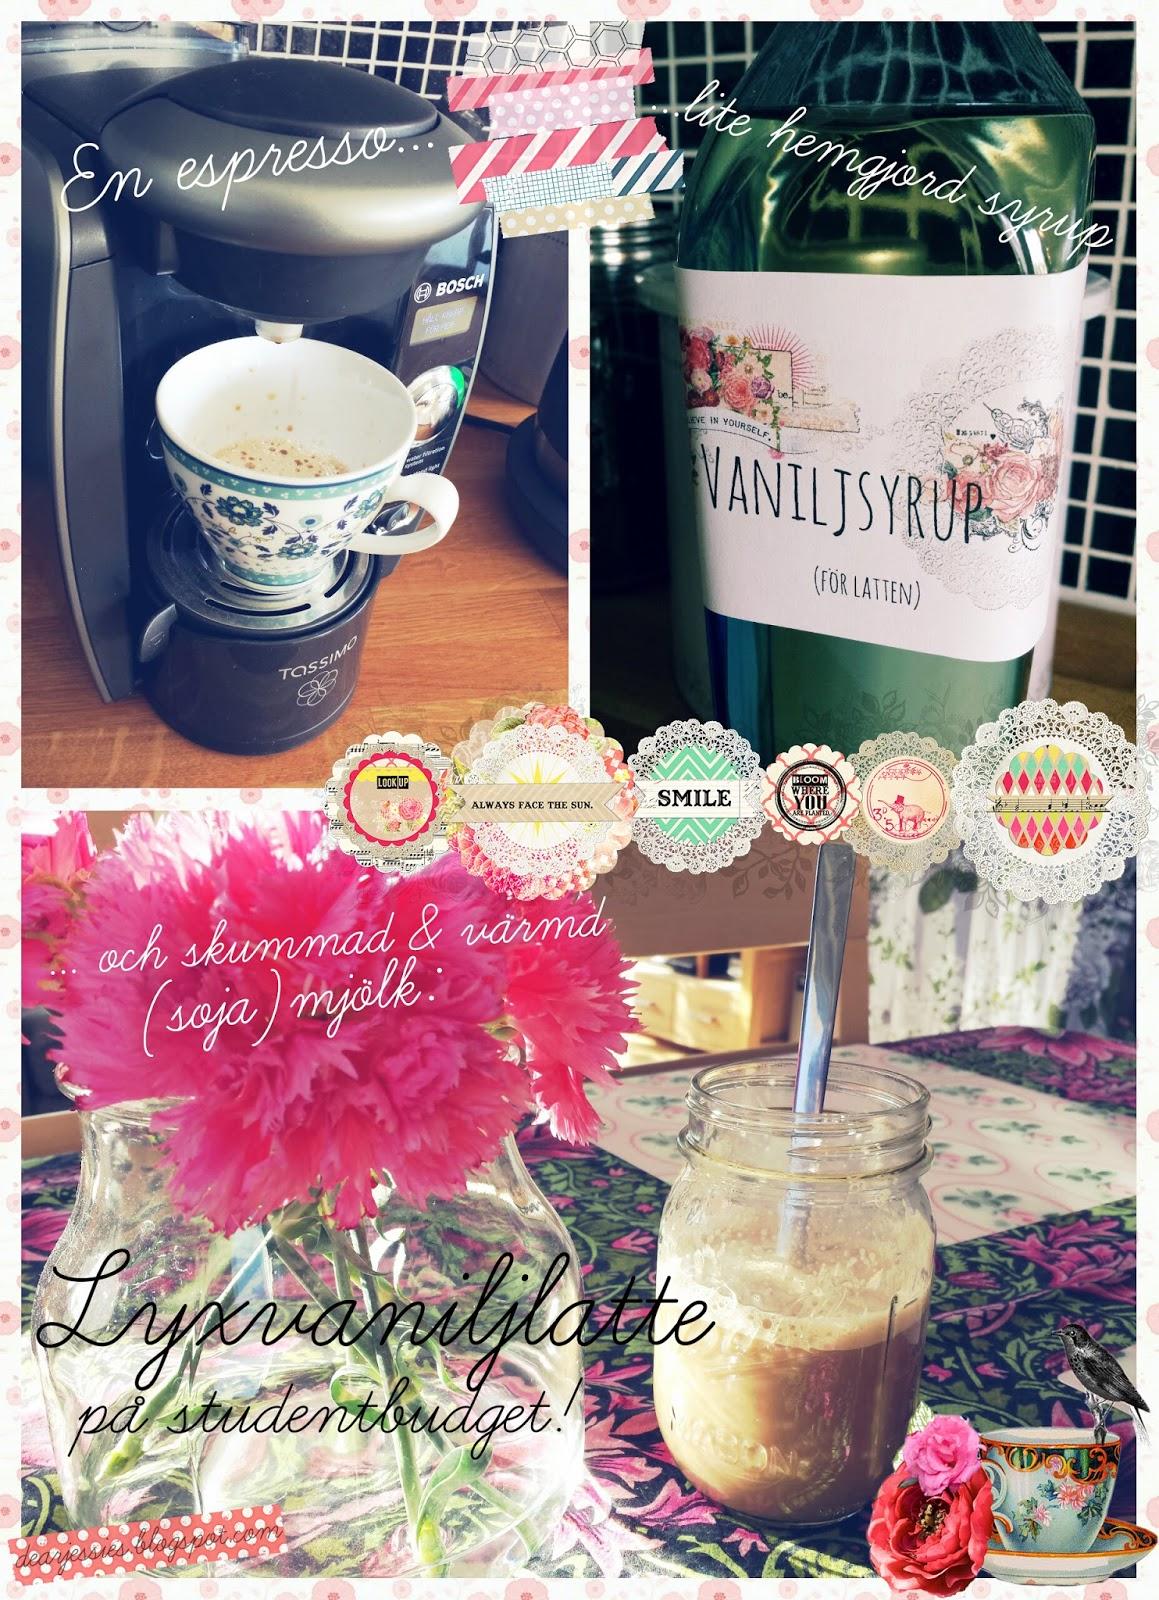 dearjessies.blogspot.com, vanilla syrup, vaniljsyrup, homemade, latte